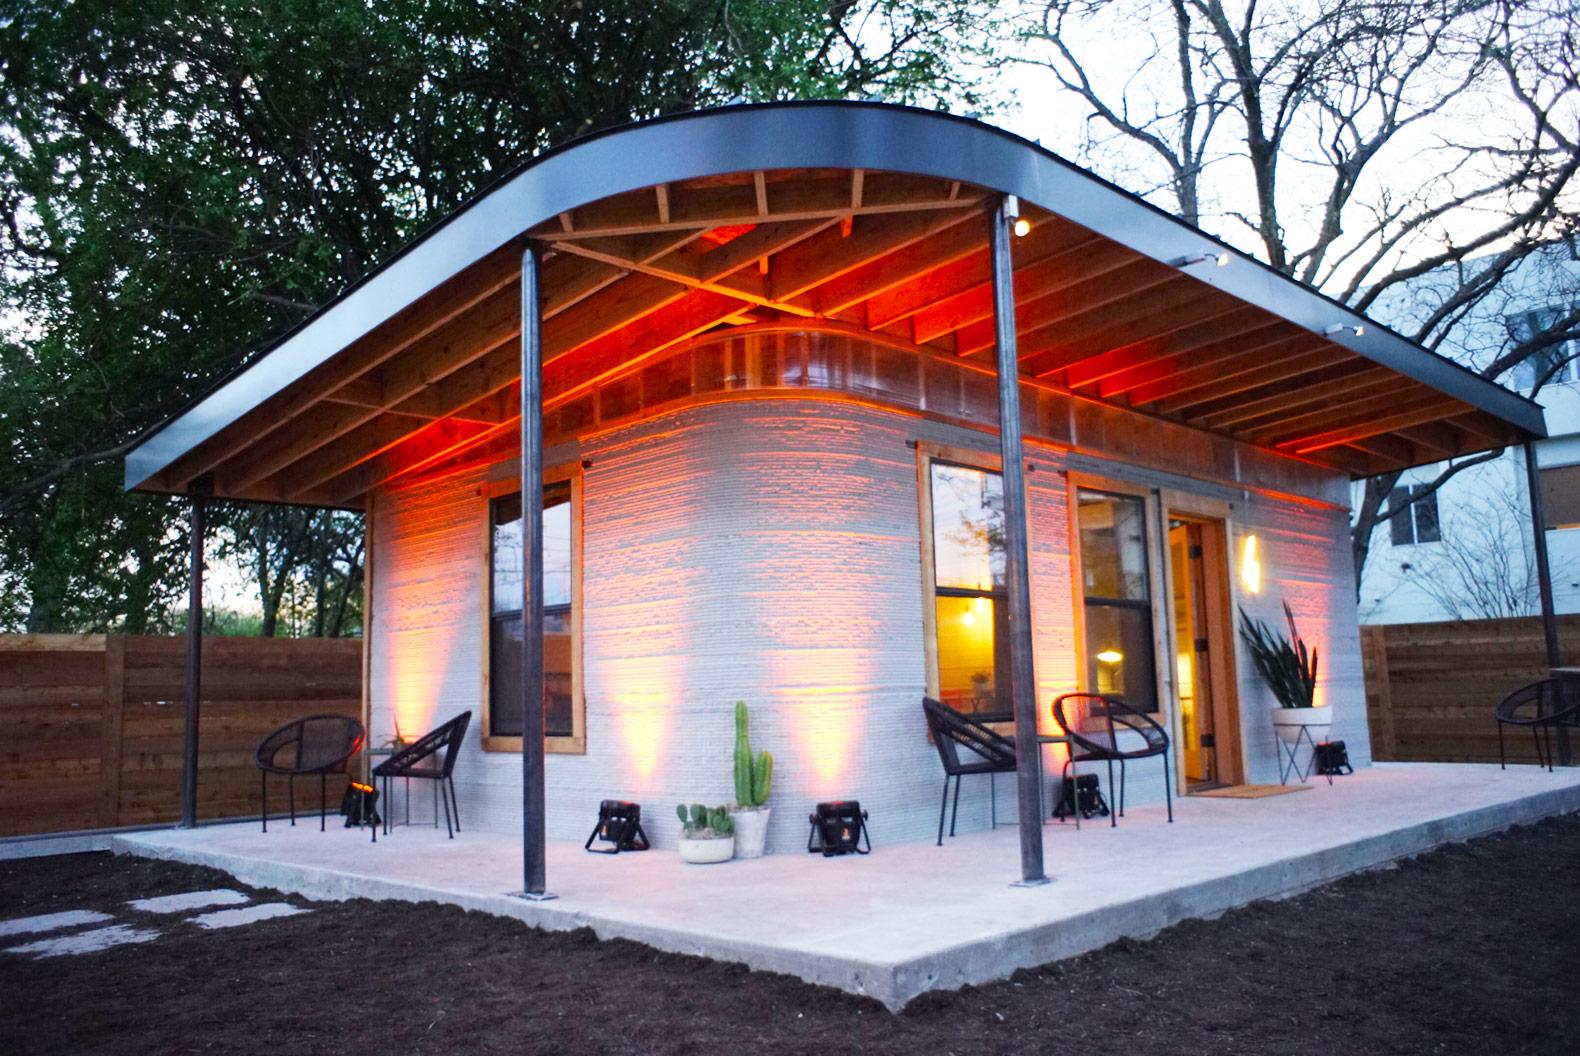 در کمتر از 3 روز یک خانه کامل بسازید!